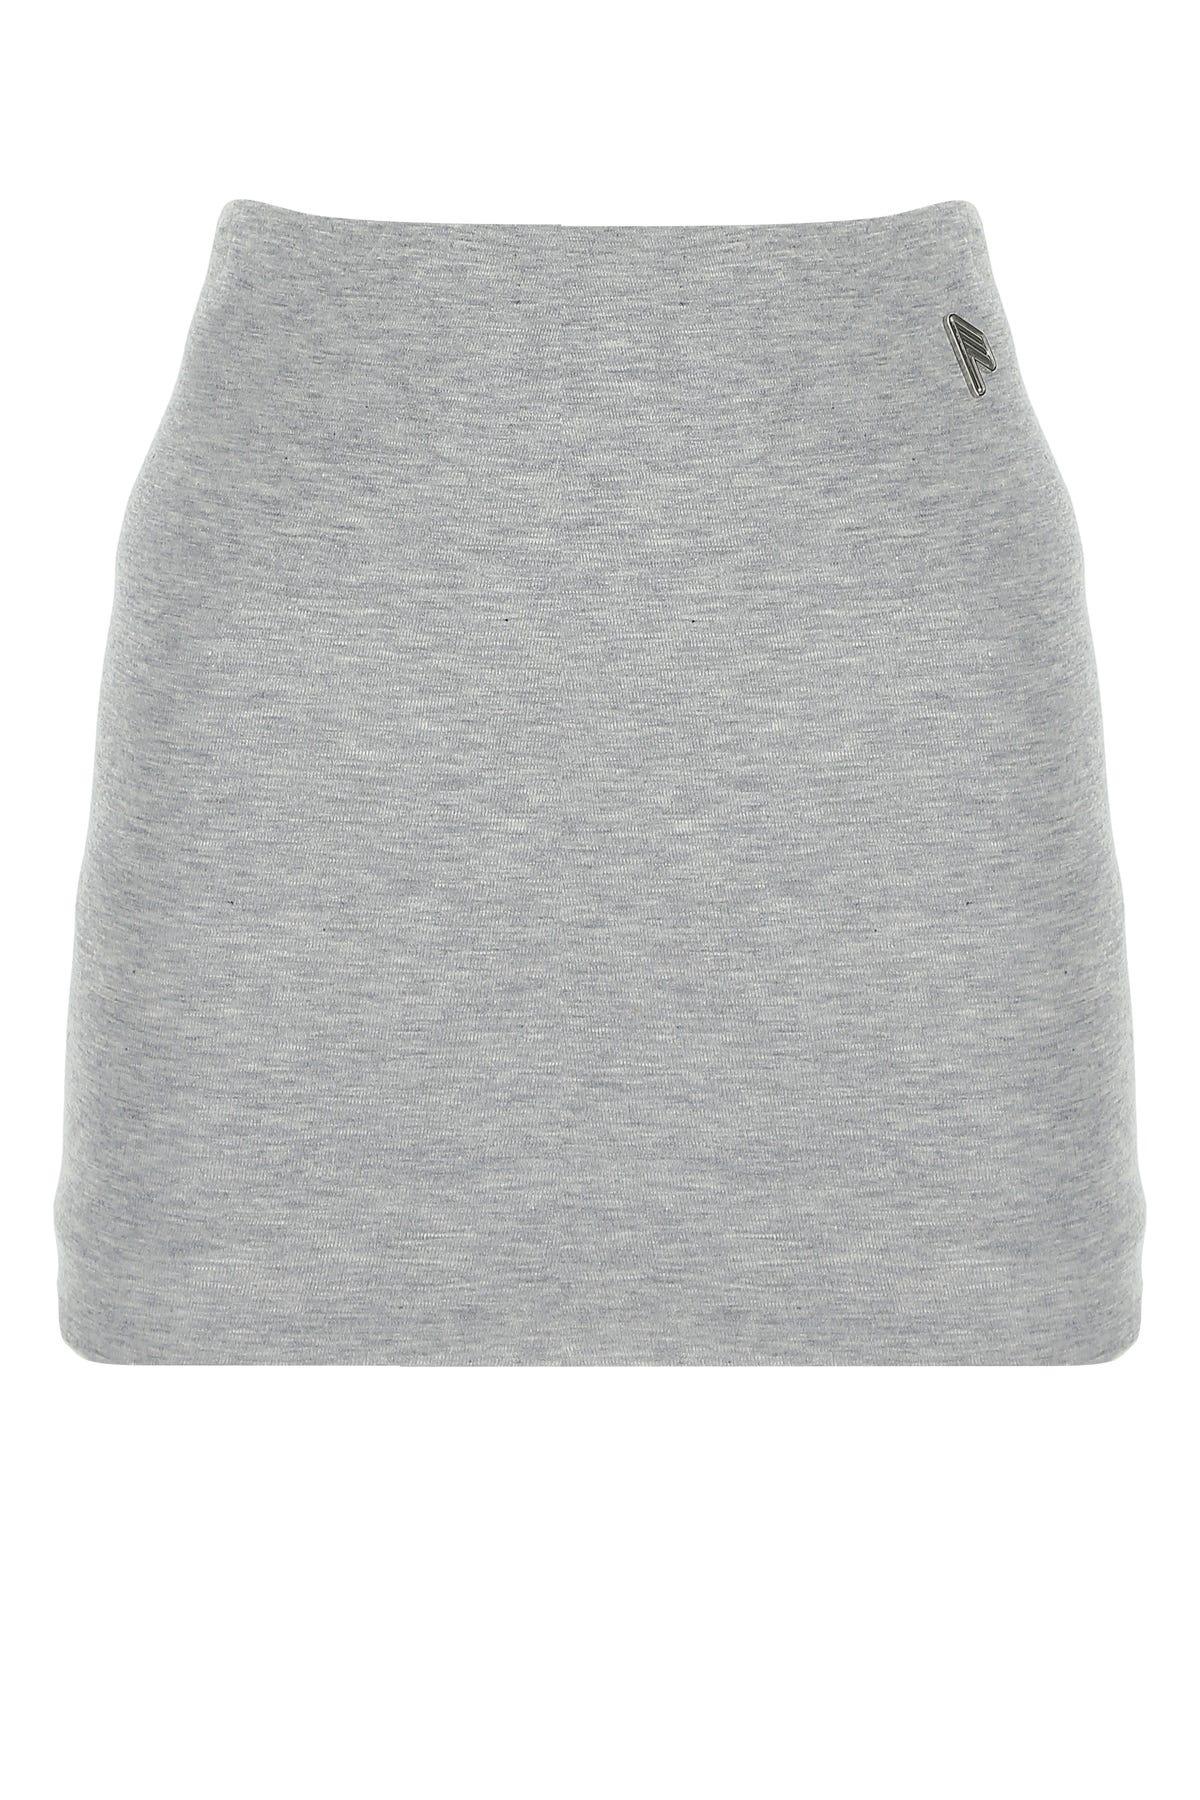 Attico Mini skirts GONNA-M